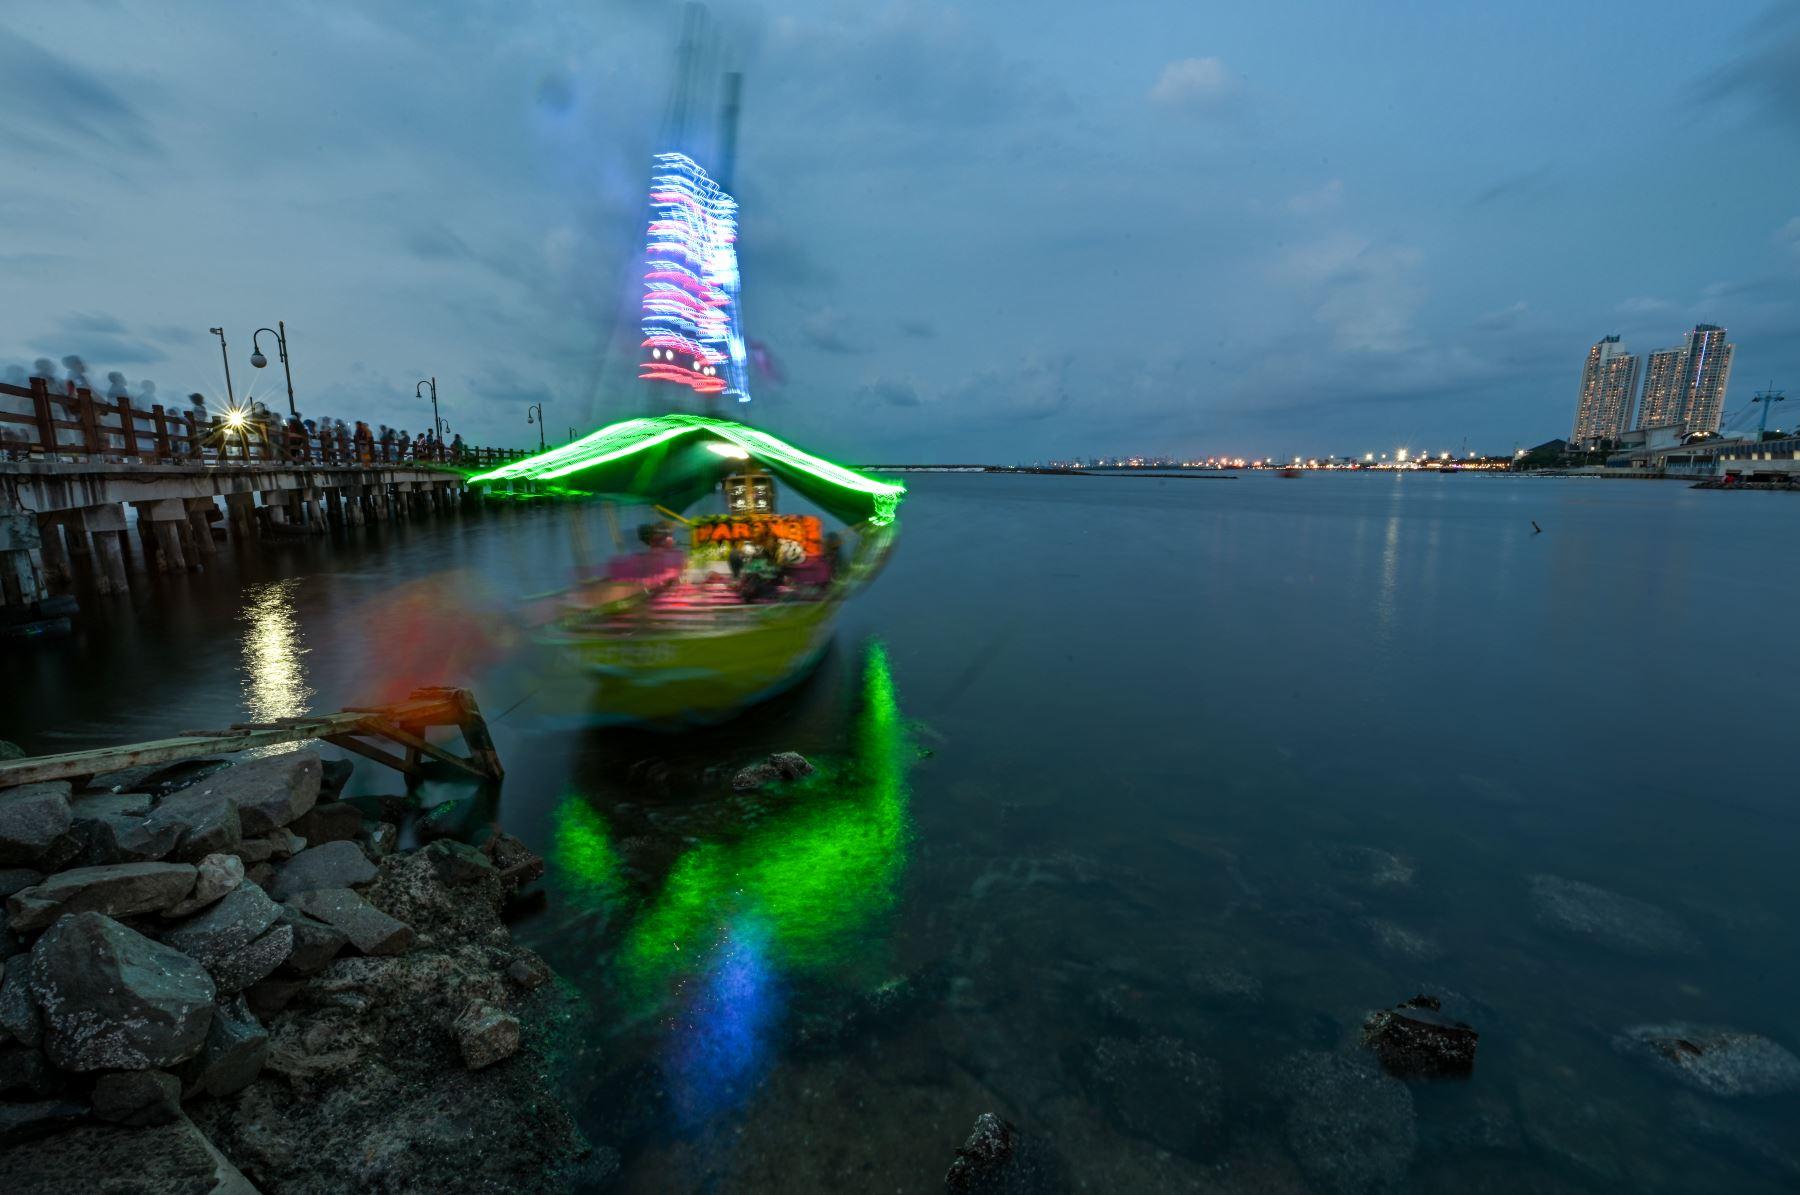 Los indonesios disfrutan de la puesta de sol en la bahía de Yakarta un día antes del Día Mundial de los Océanos.  El Día Mundial de los Océanos es una forma de celebrar, proteger y conservar los océanos del planeta y sus recursos. Foto:AFP